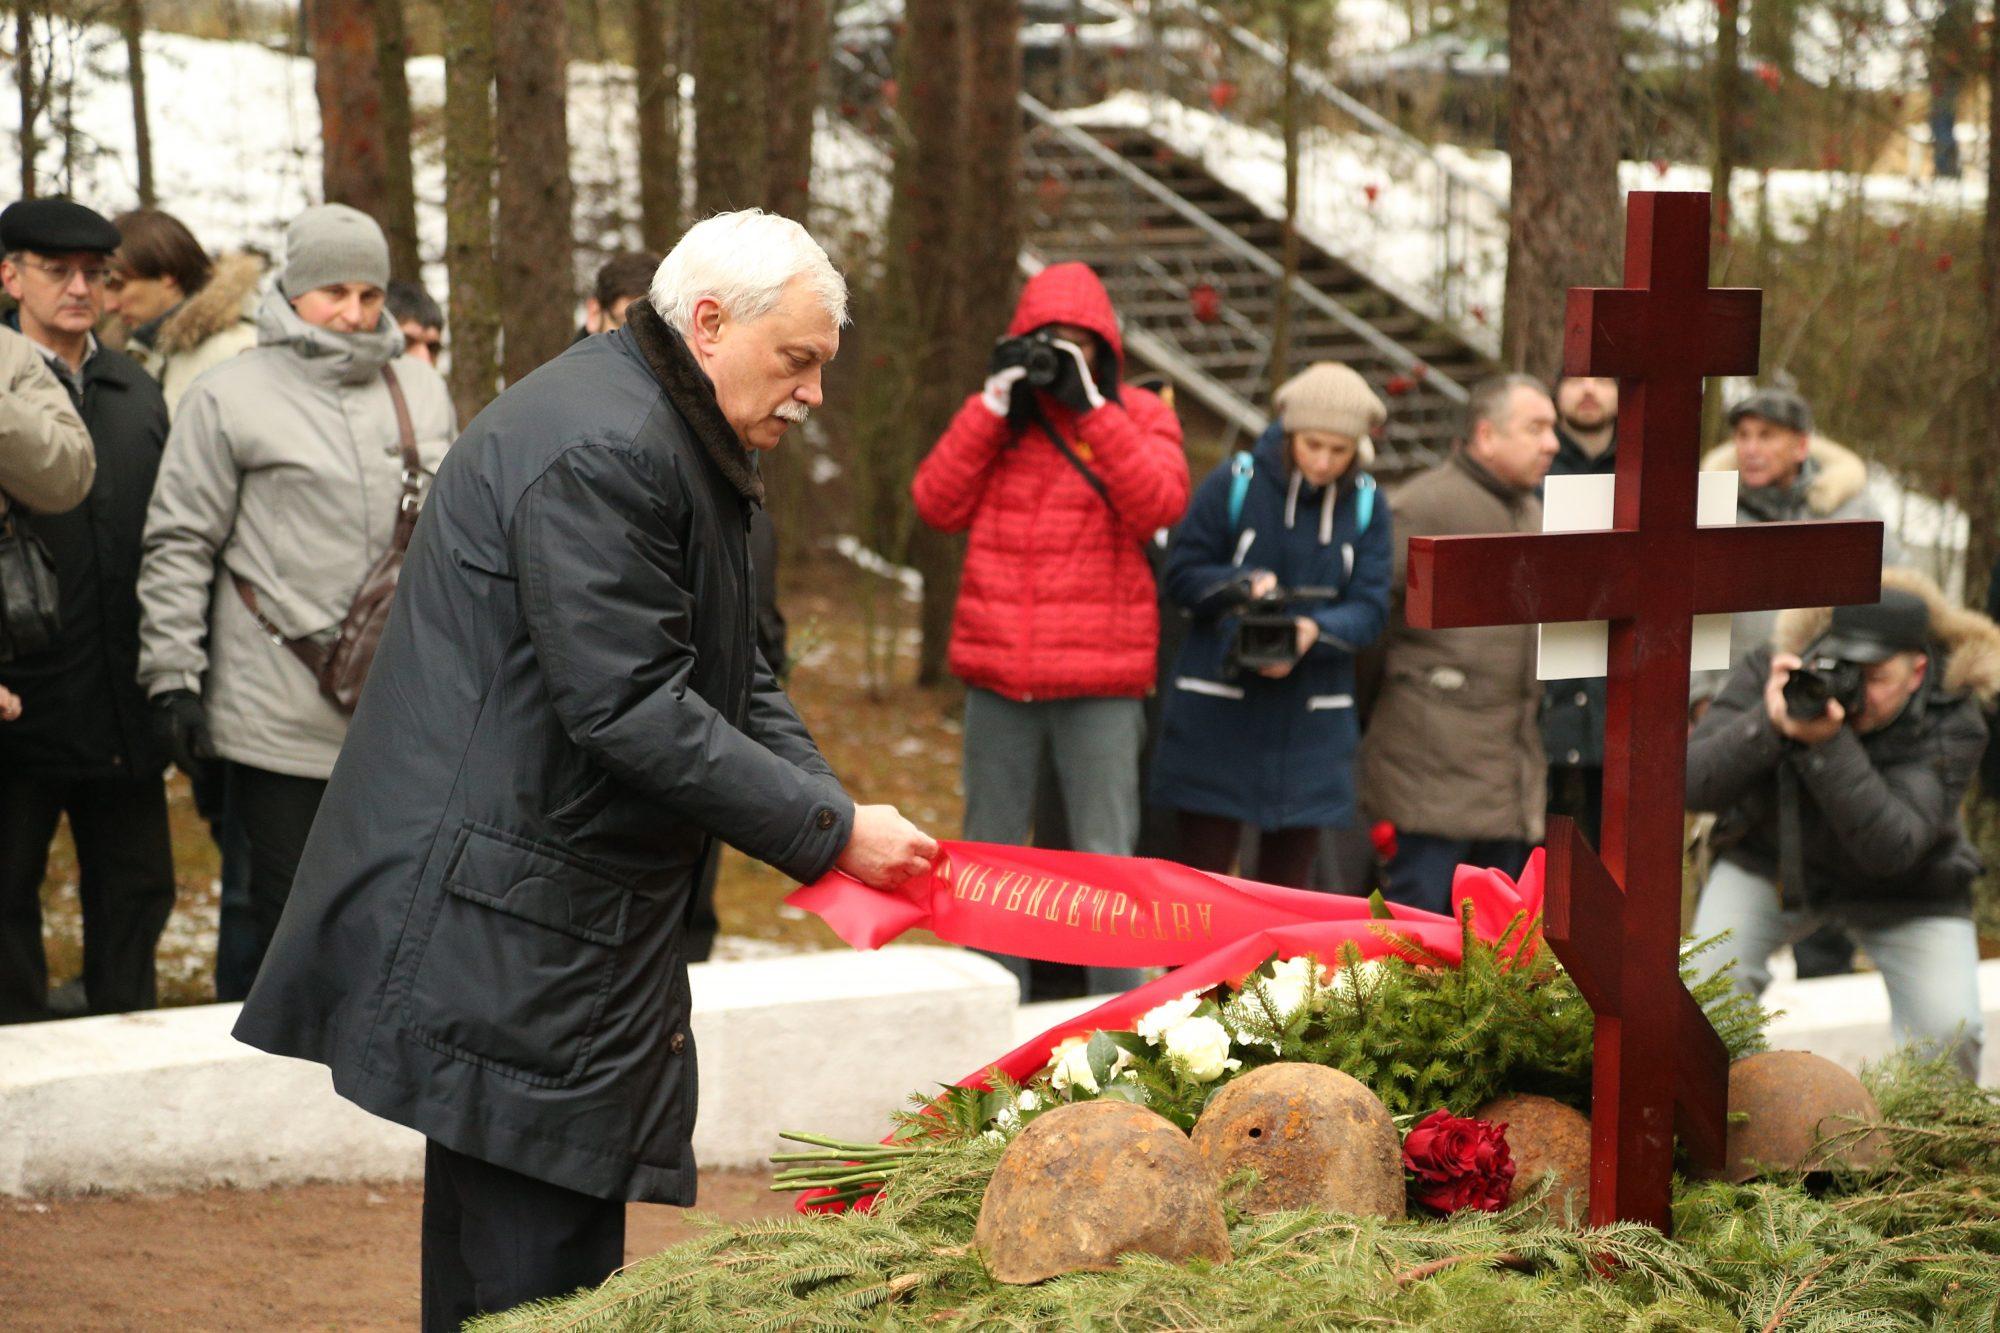 воинские захоронения останки солдат бойцов вов великой отечественной войны церемония траурная сестрорецк полтавченко